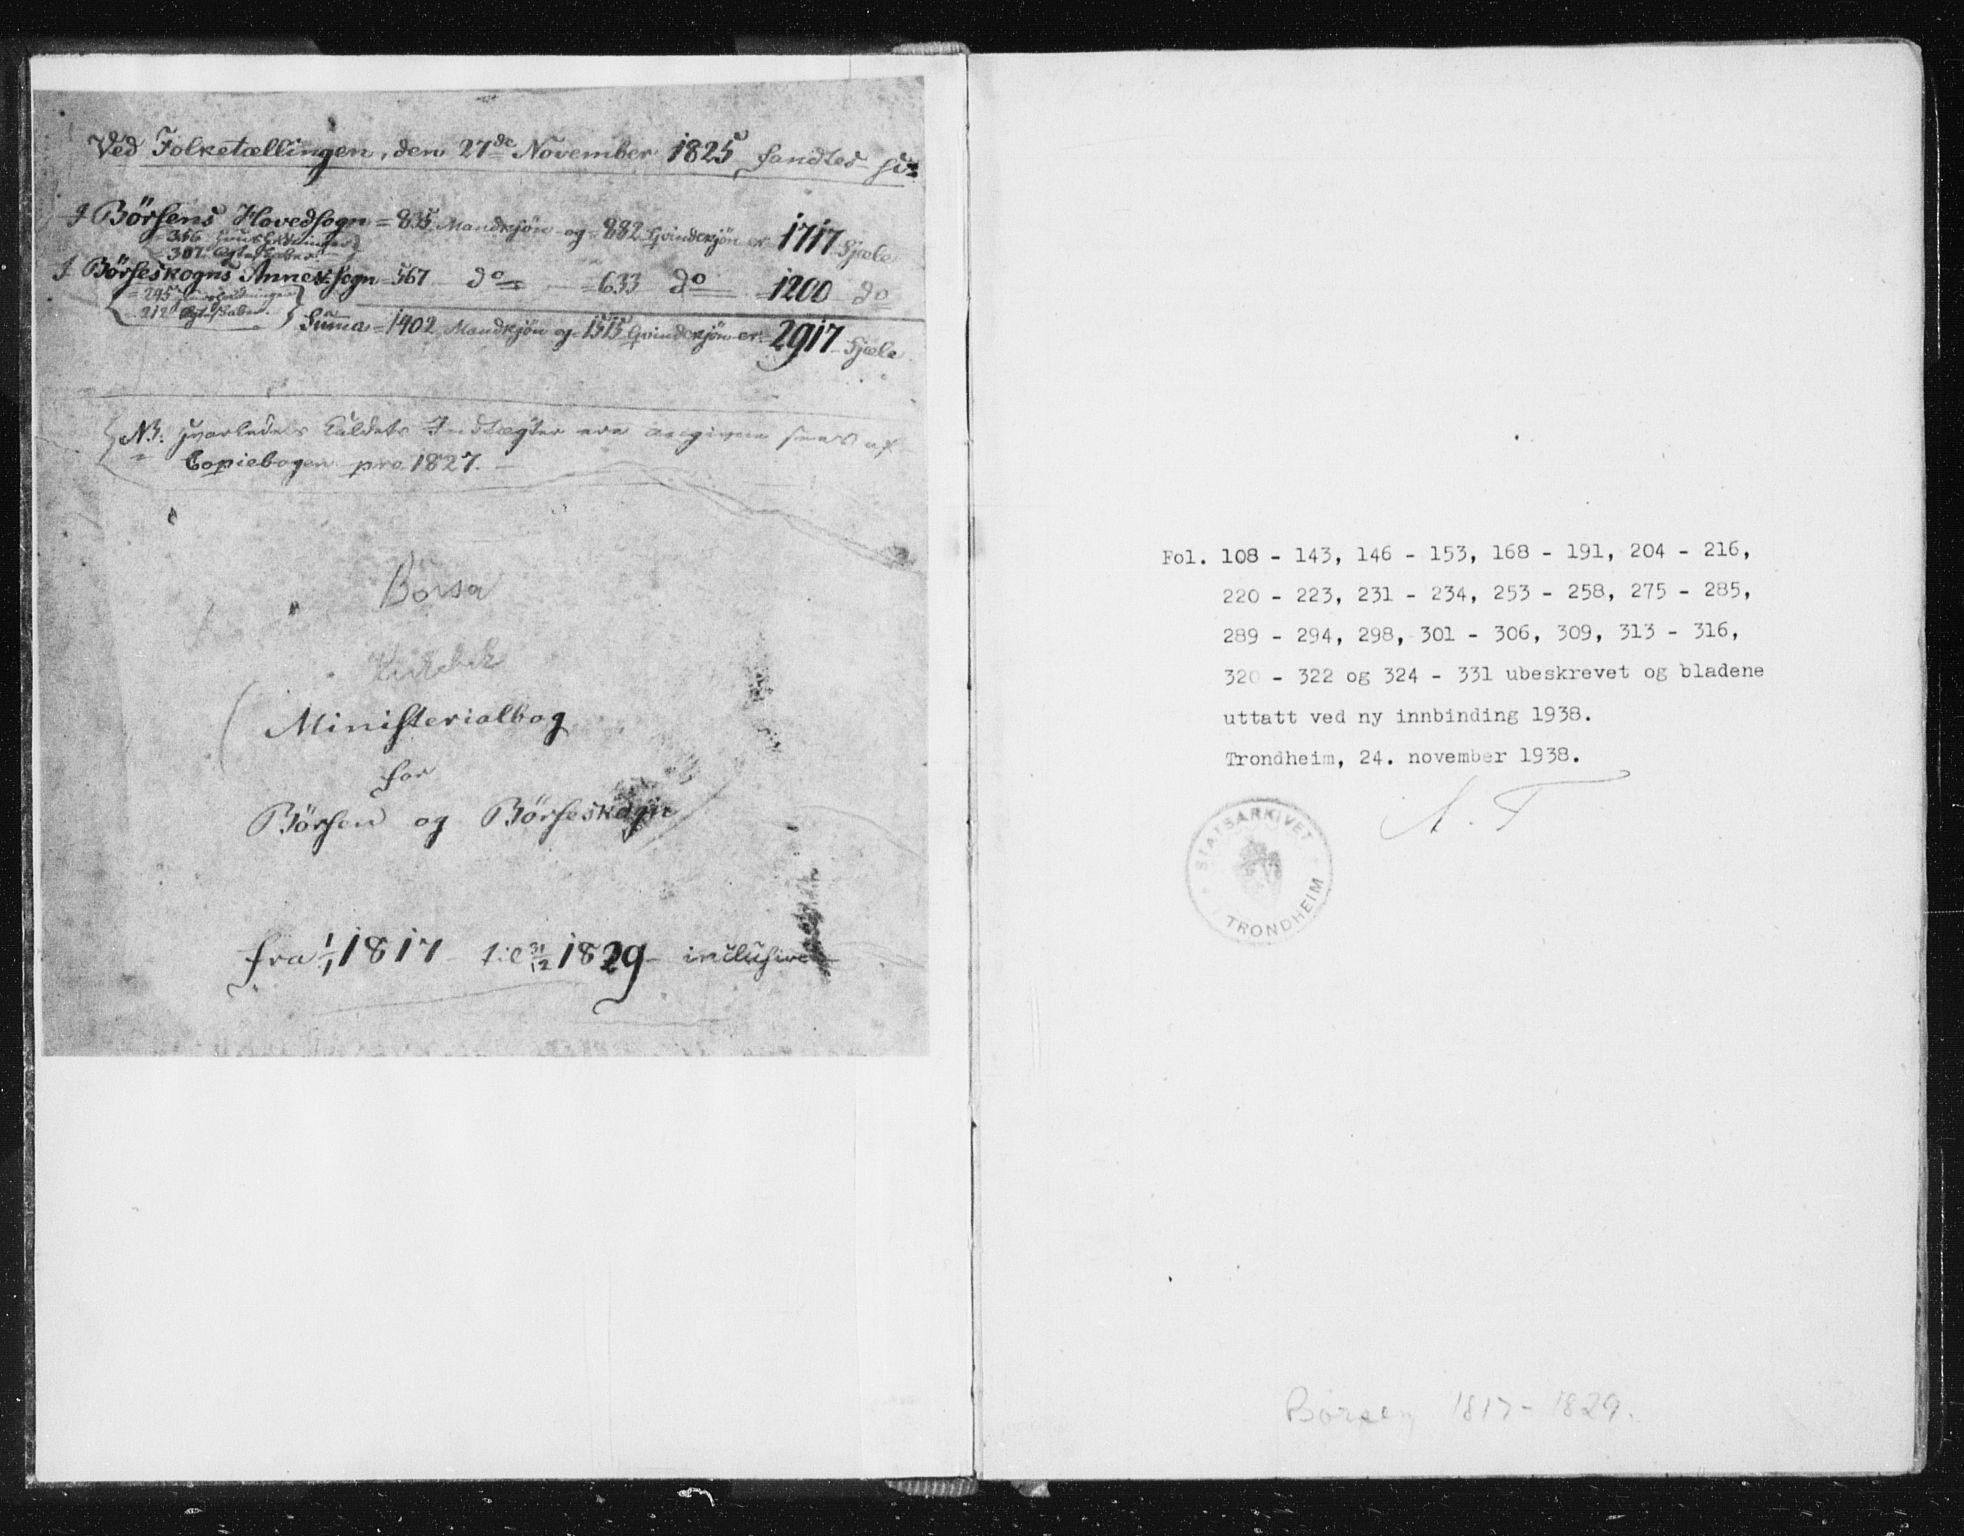 SAT, Ministerialprotokoller, klokkerbøker og fødselsregistre - Sør-Trøndelag, 665/L0770: Ministerialbok nr. 665A05, 1817-1829